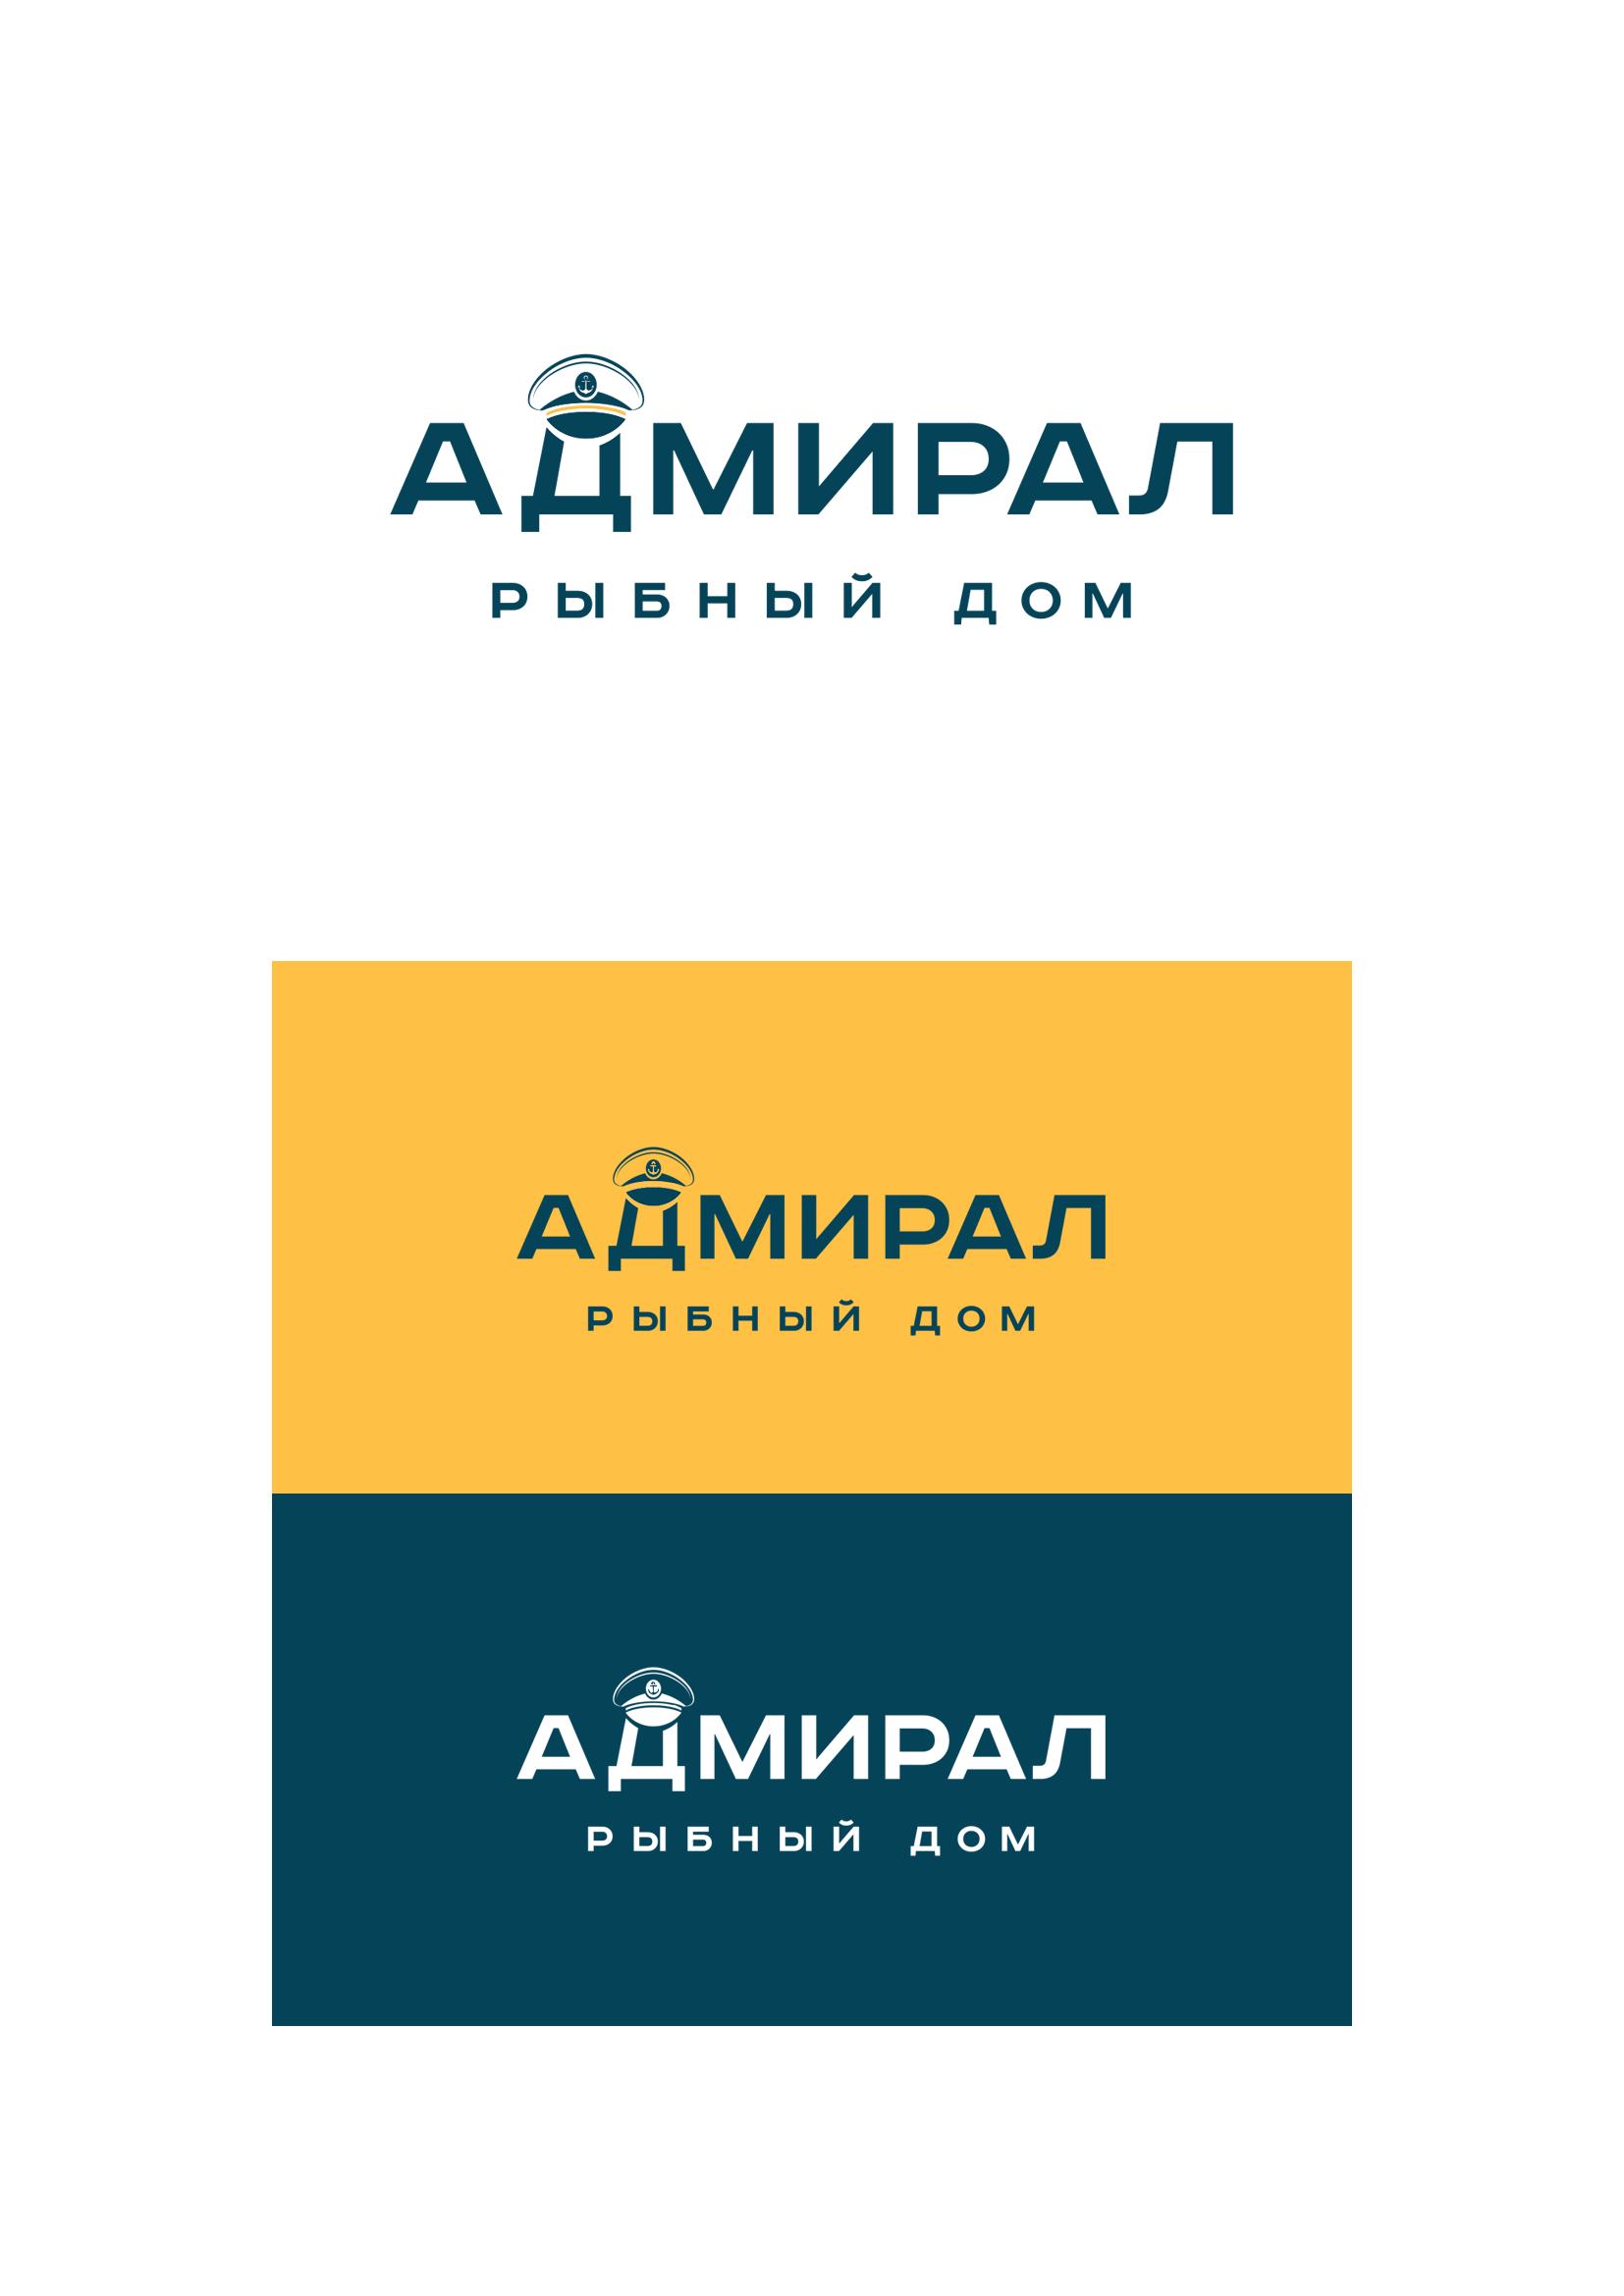 Разработка фирменного стиля для рыбного магазина фото f_9295a0db7e5e2451.png